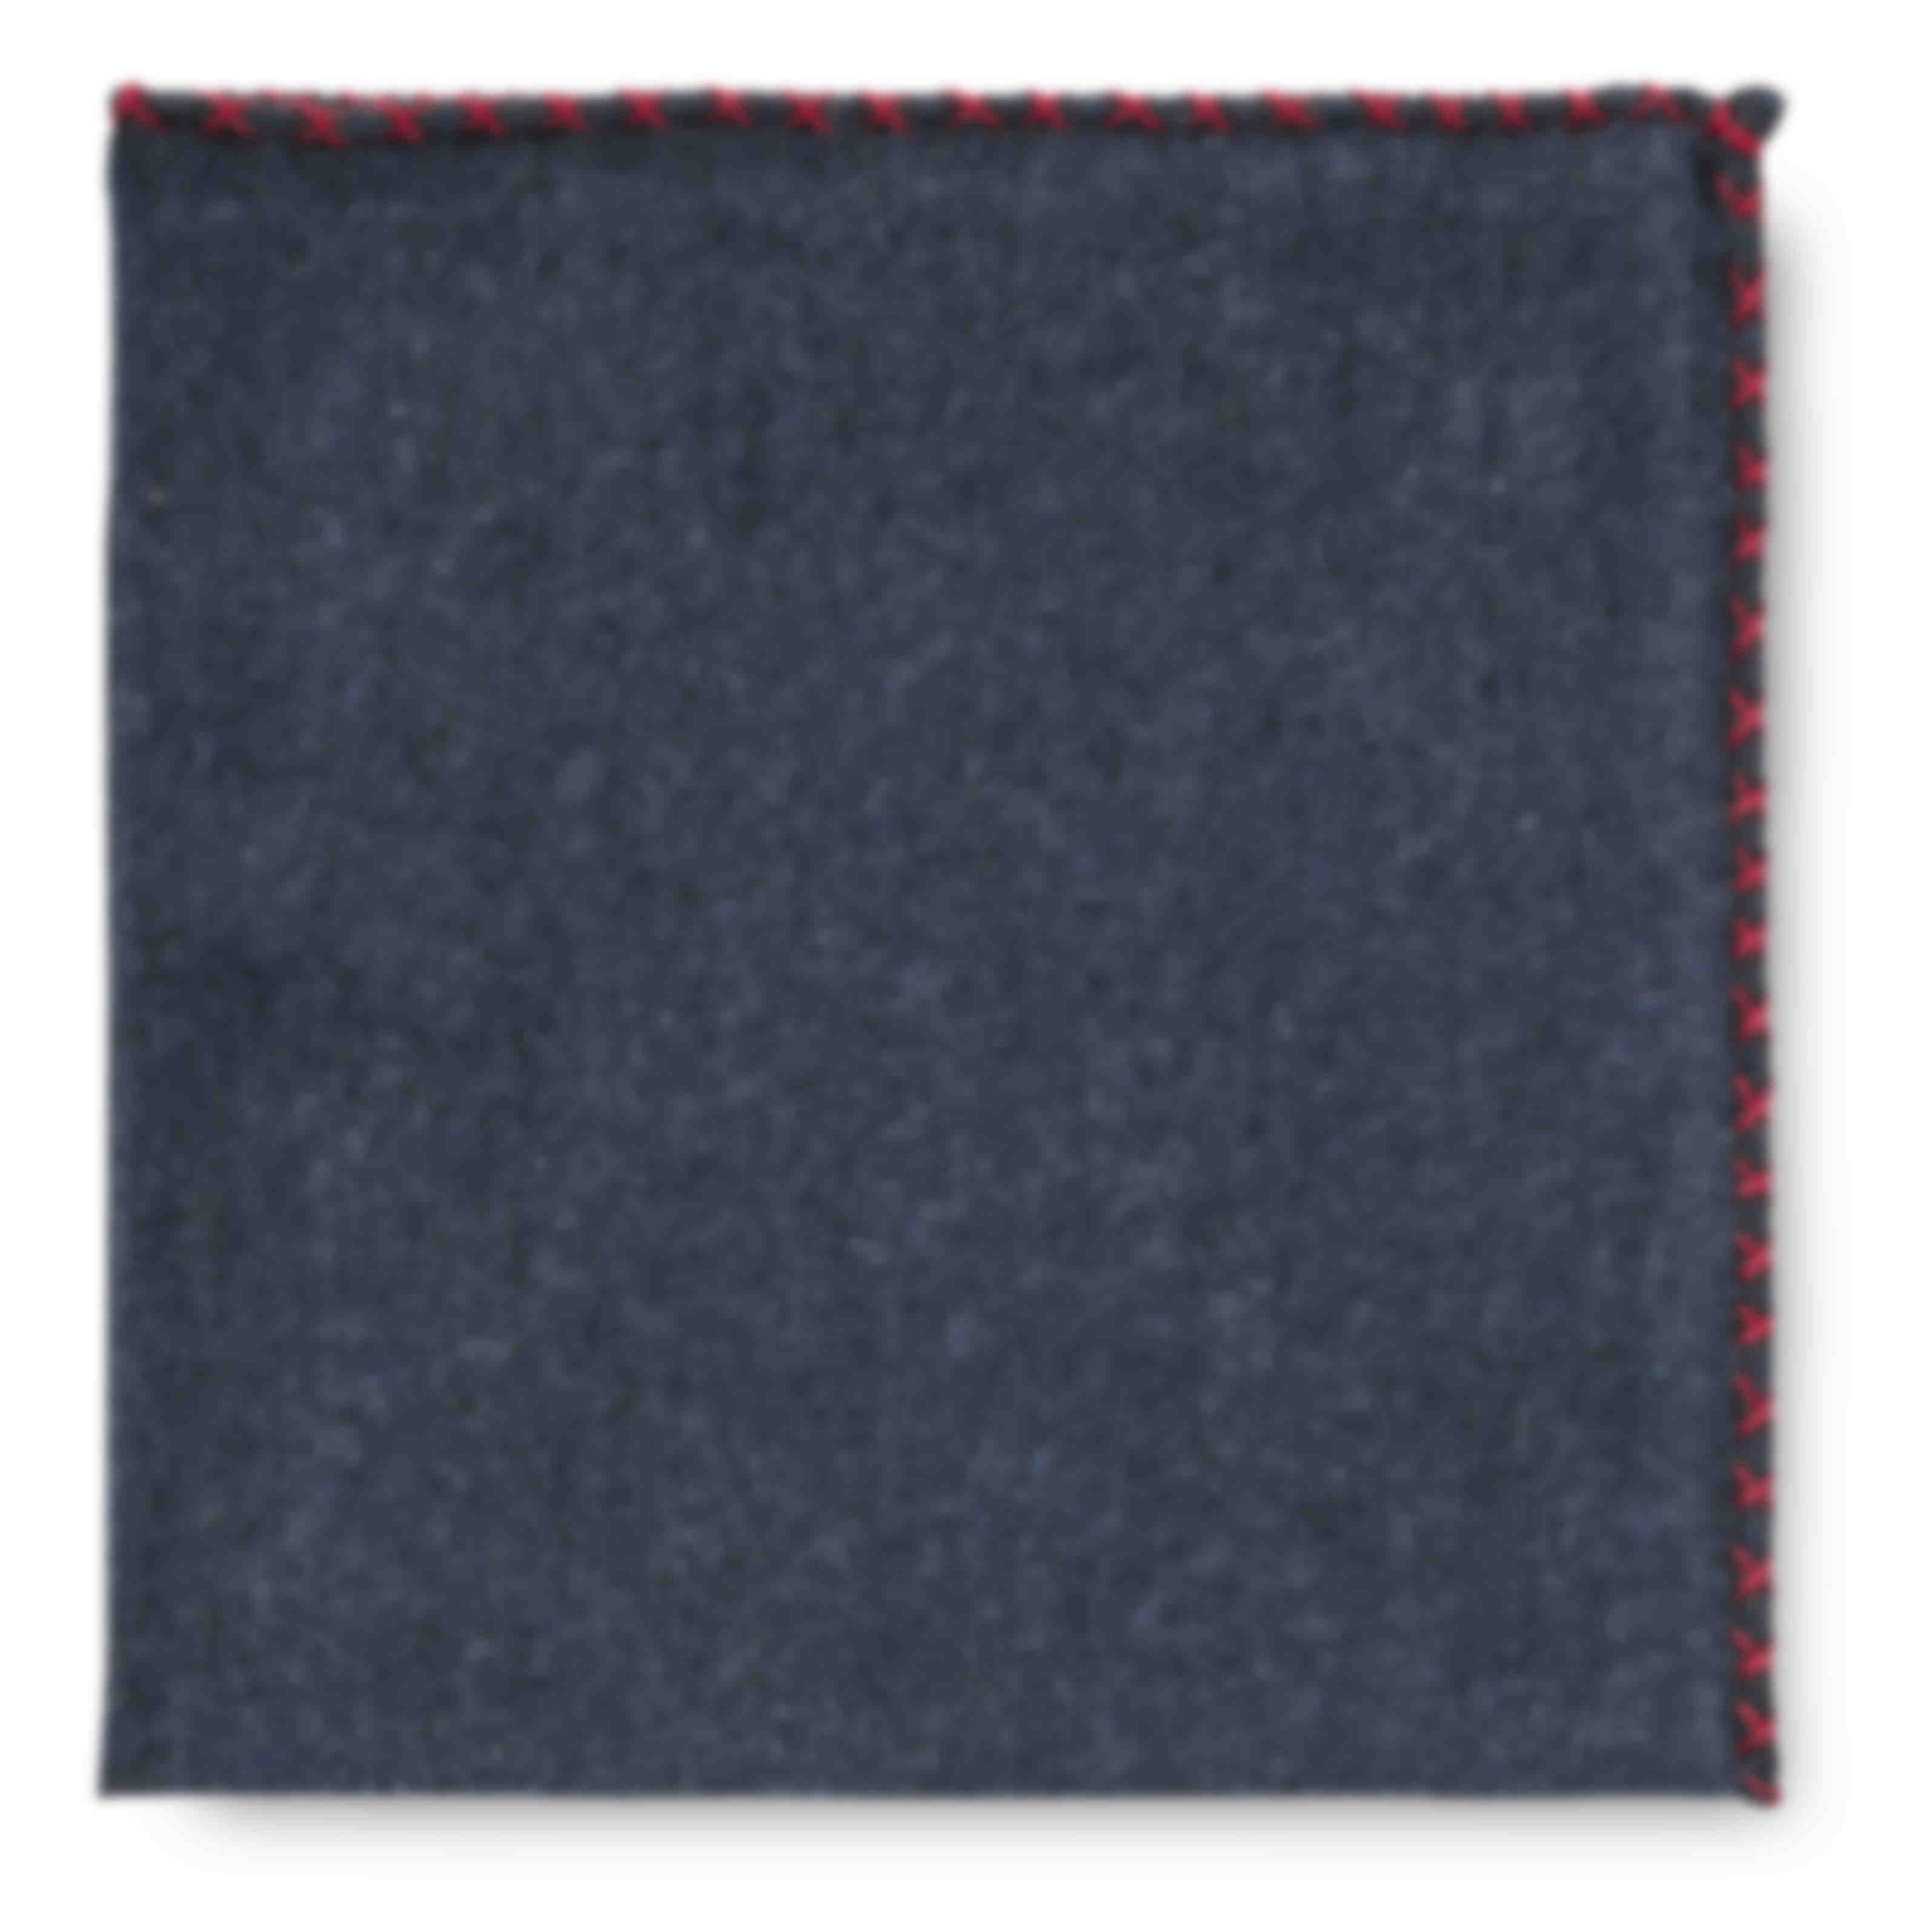 Pochette sur mesure grise surpiqûre rouge fait main Atelier Mesure